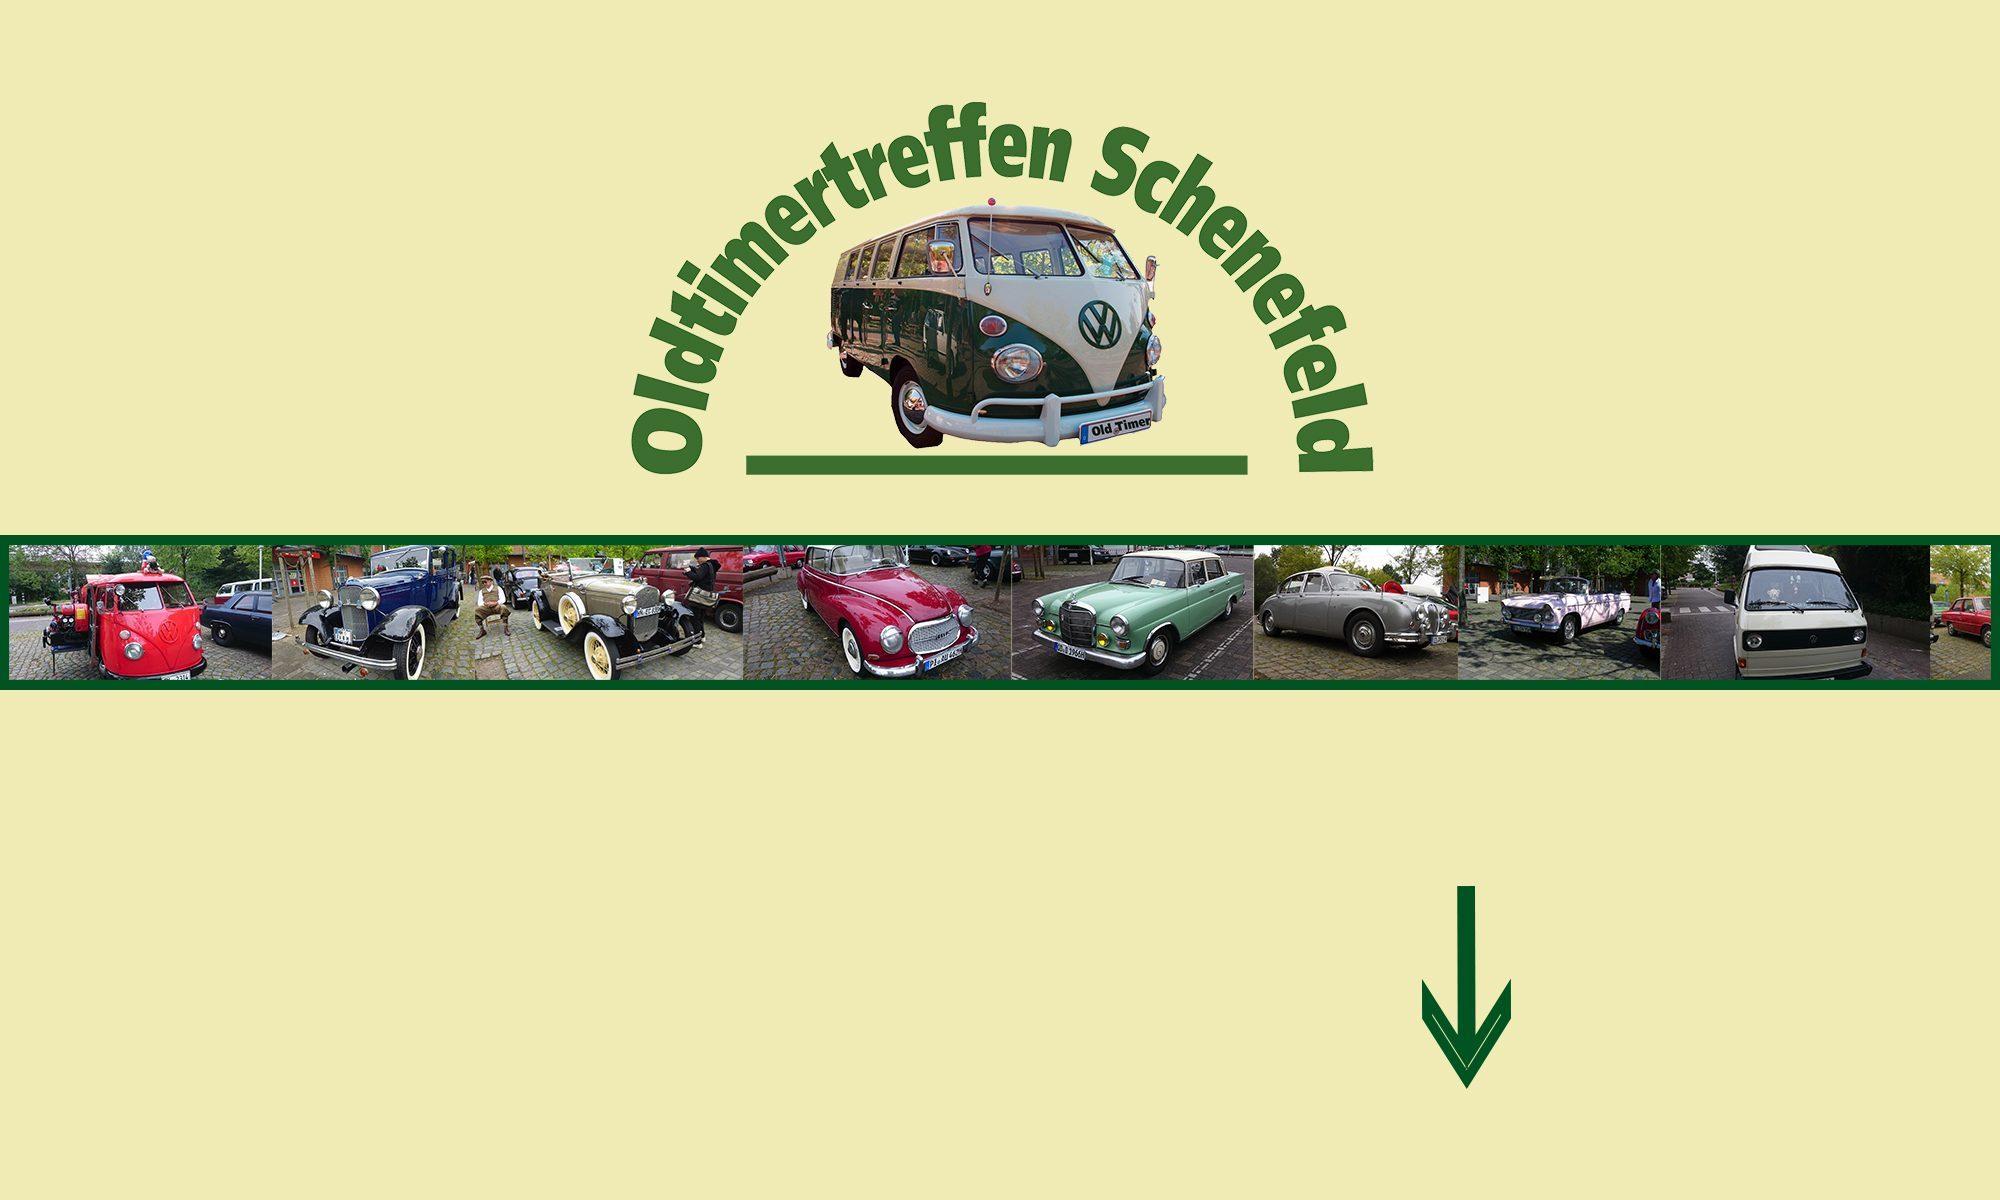 Oldtimertreffen Schenefeld